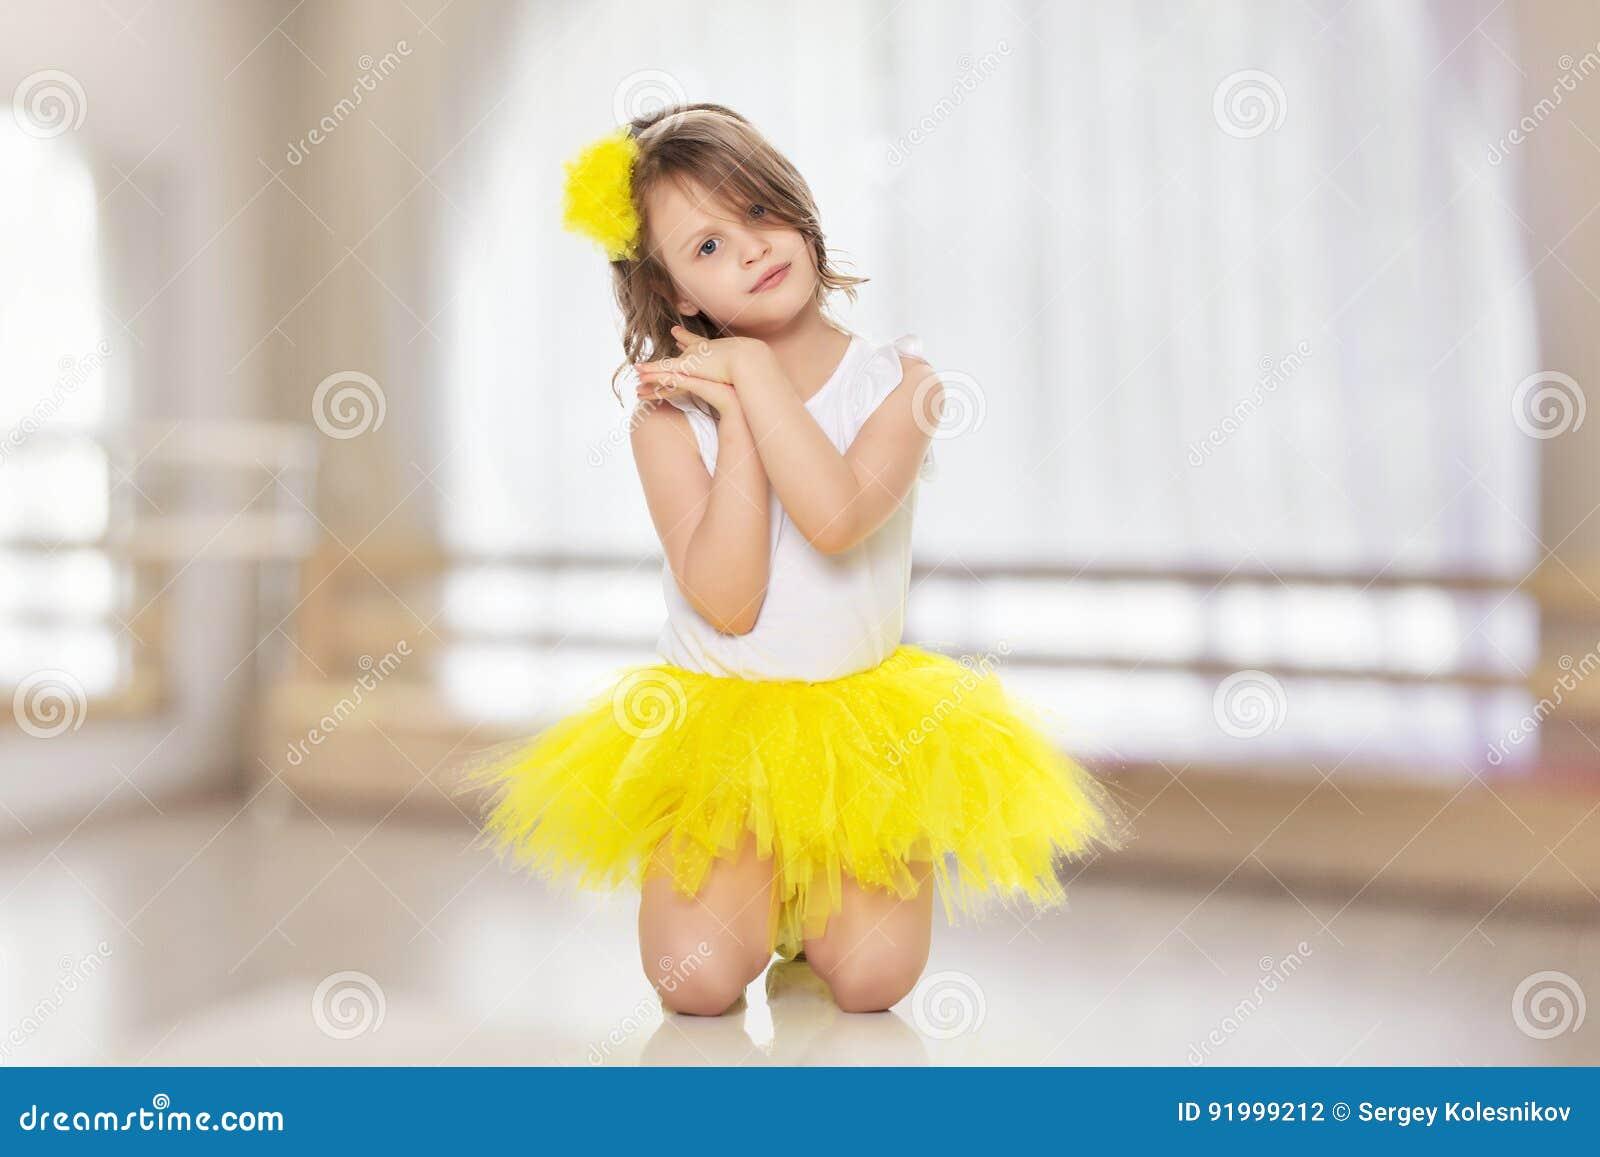 18f3063b7021a Fille blonde assez petite dans une jupe jaune lumineuse courte et un  chemisier blanc Elle se met à genoux et doucement regardant  l appareil-photo avec les ...